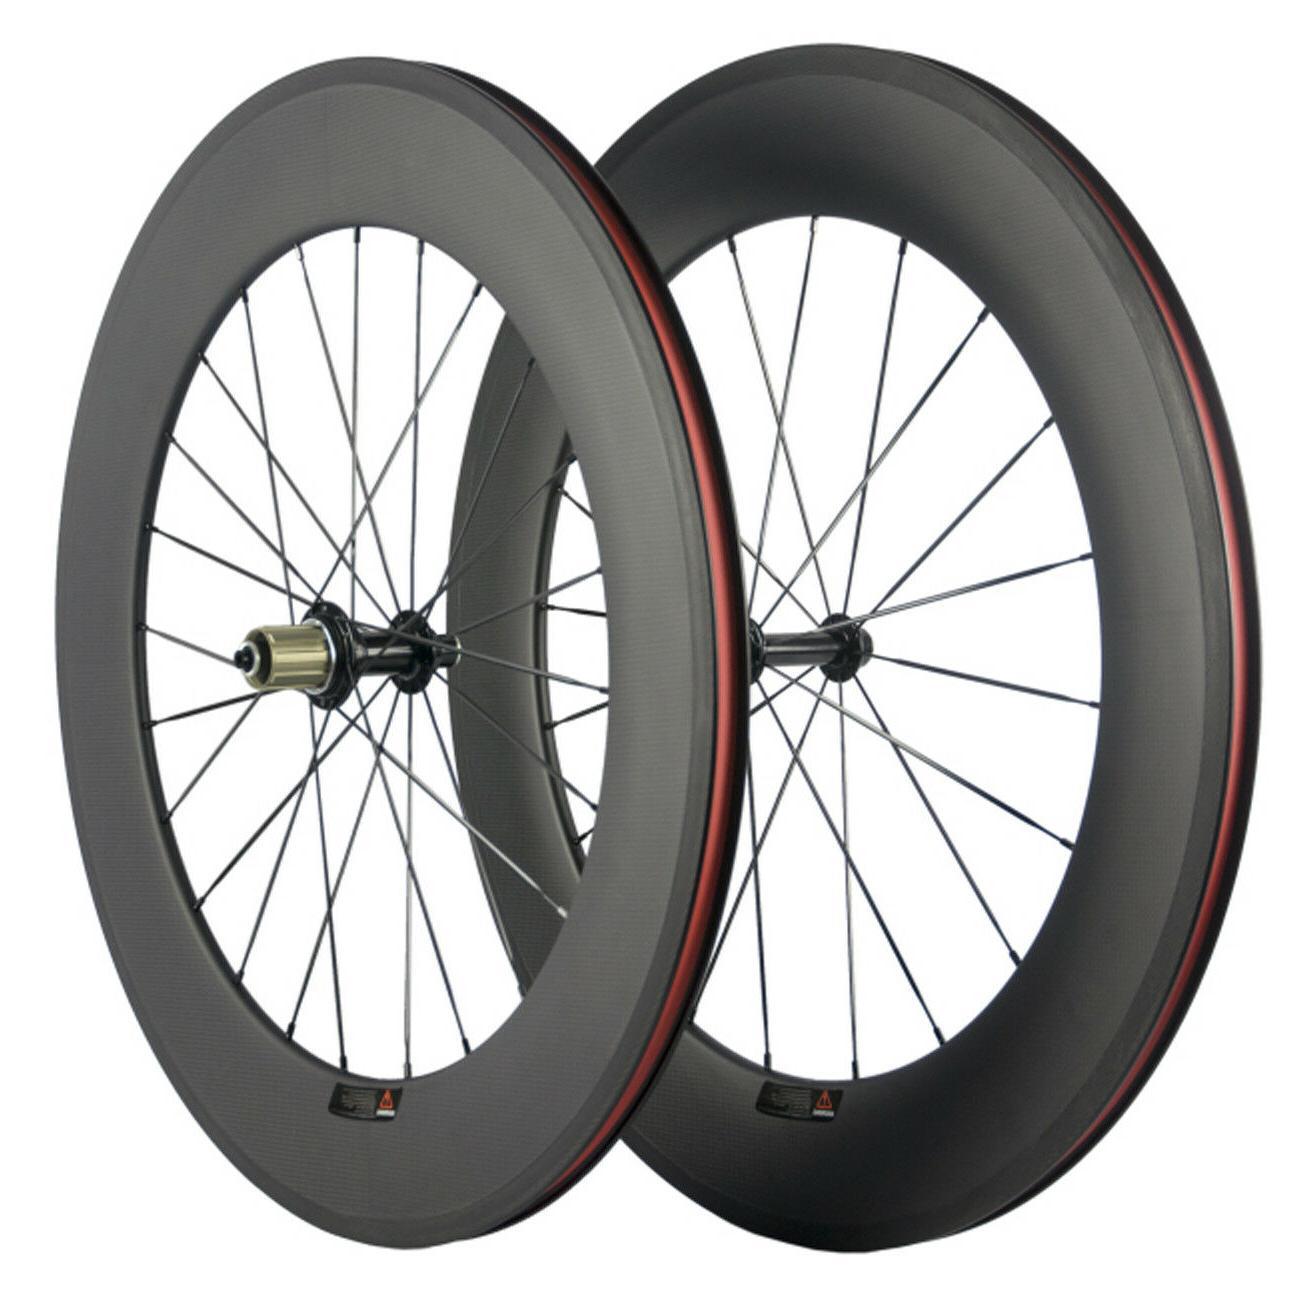 88mm Carbon Wheelset Clinhcer Road Bike Carbon Fiber Front /